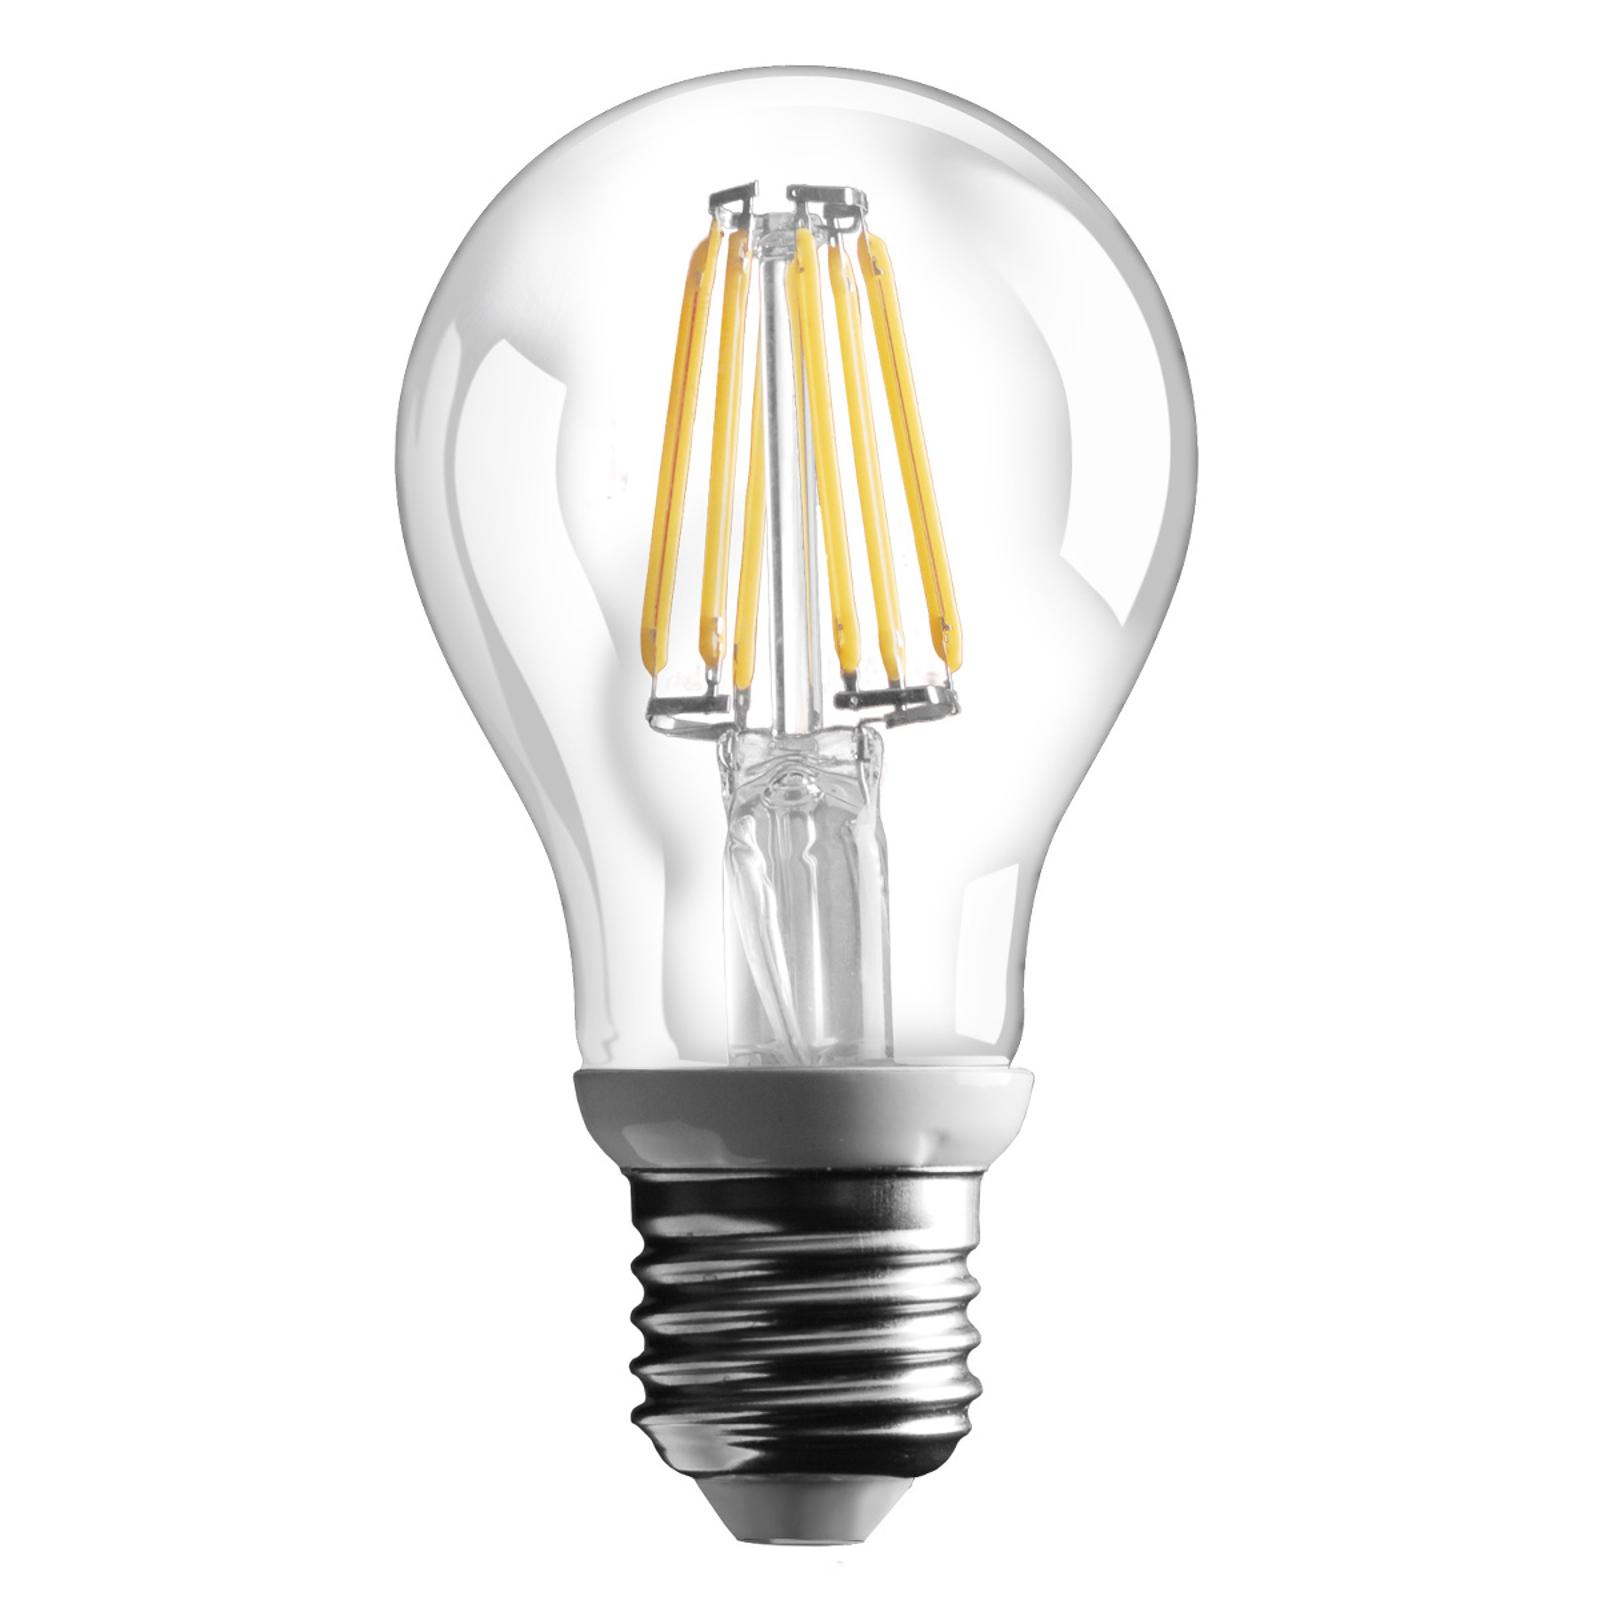 E27 6W LED-Filamentlampe mit 800lm - warmweiß